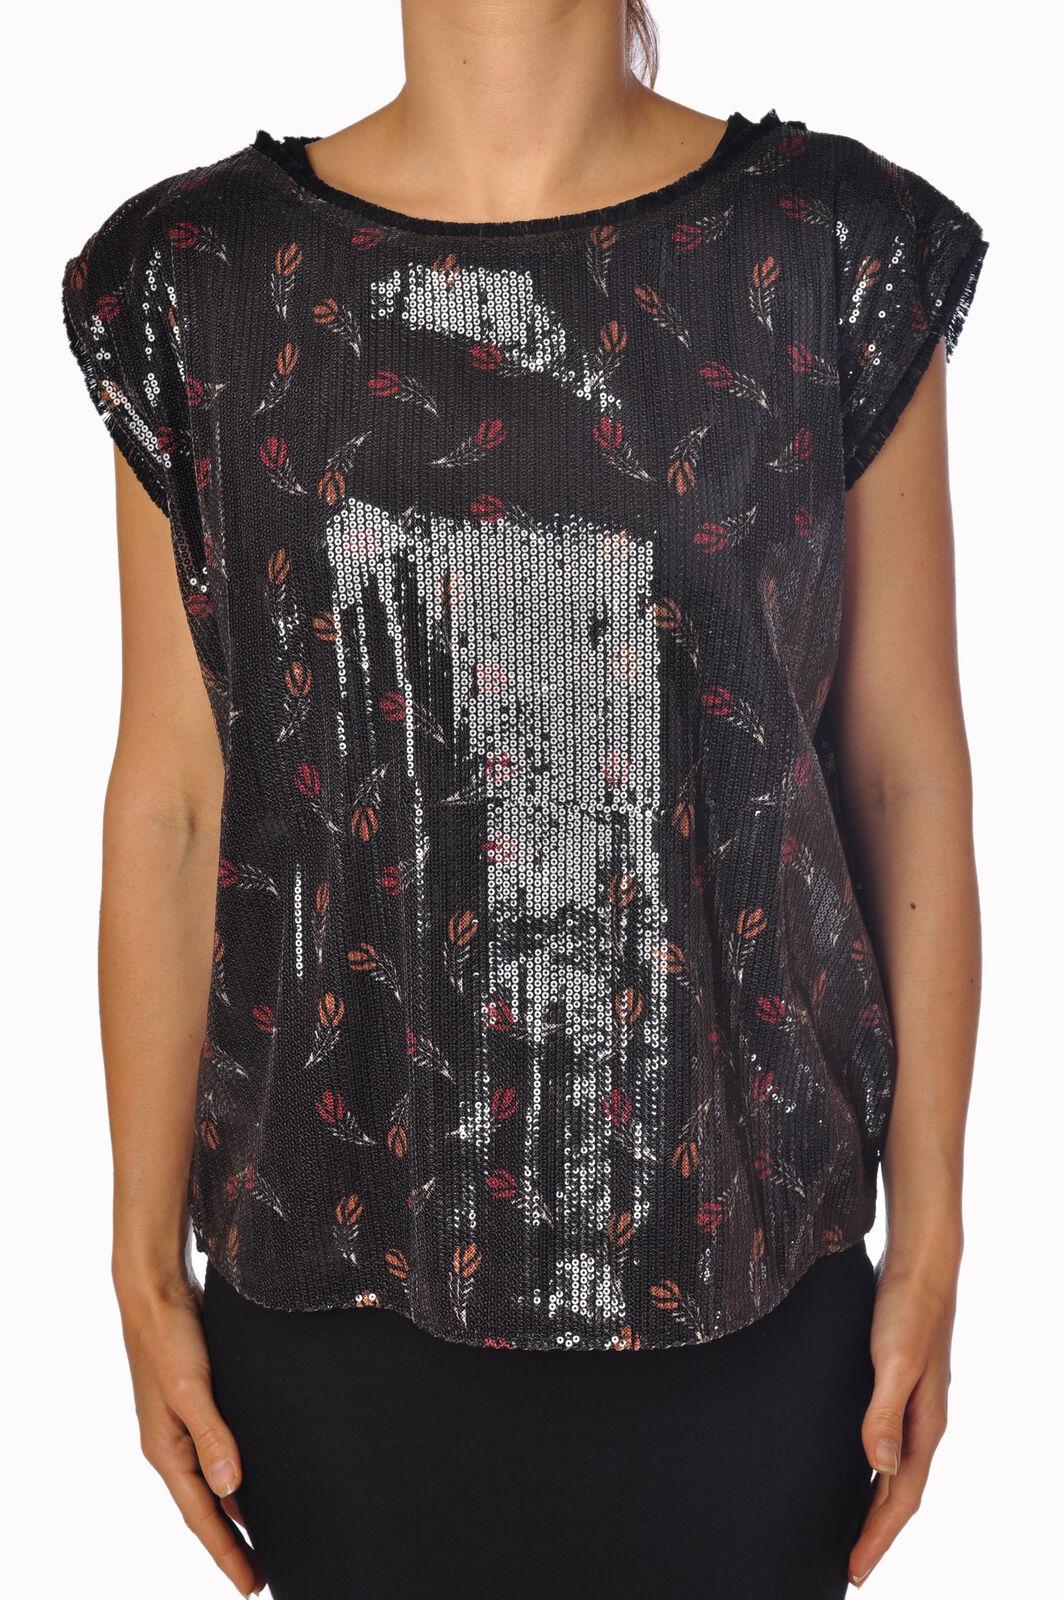 Soallure - Topwear-T-shirts - woman - schwarz - 791617C181150